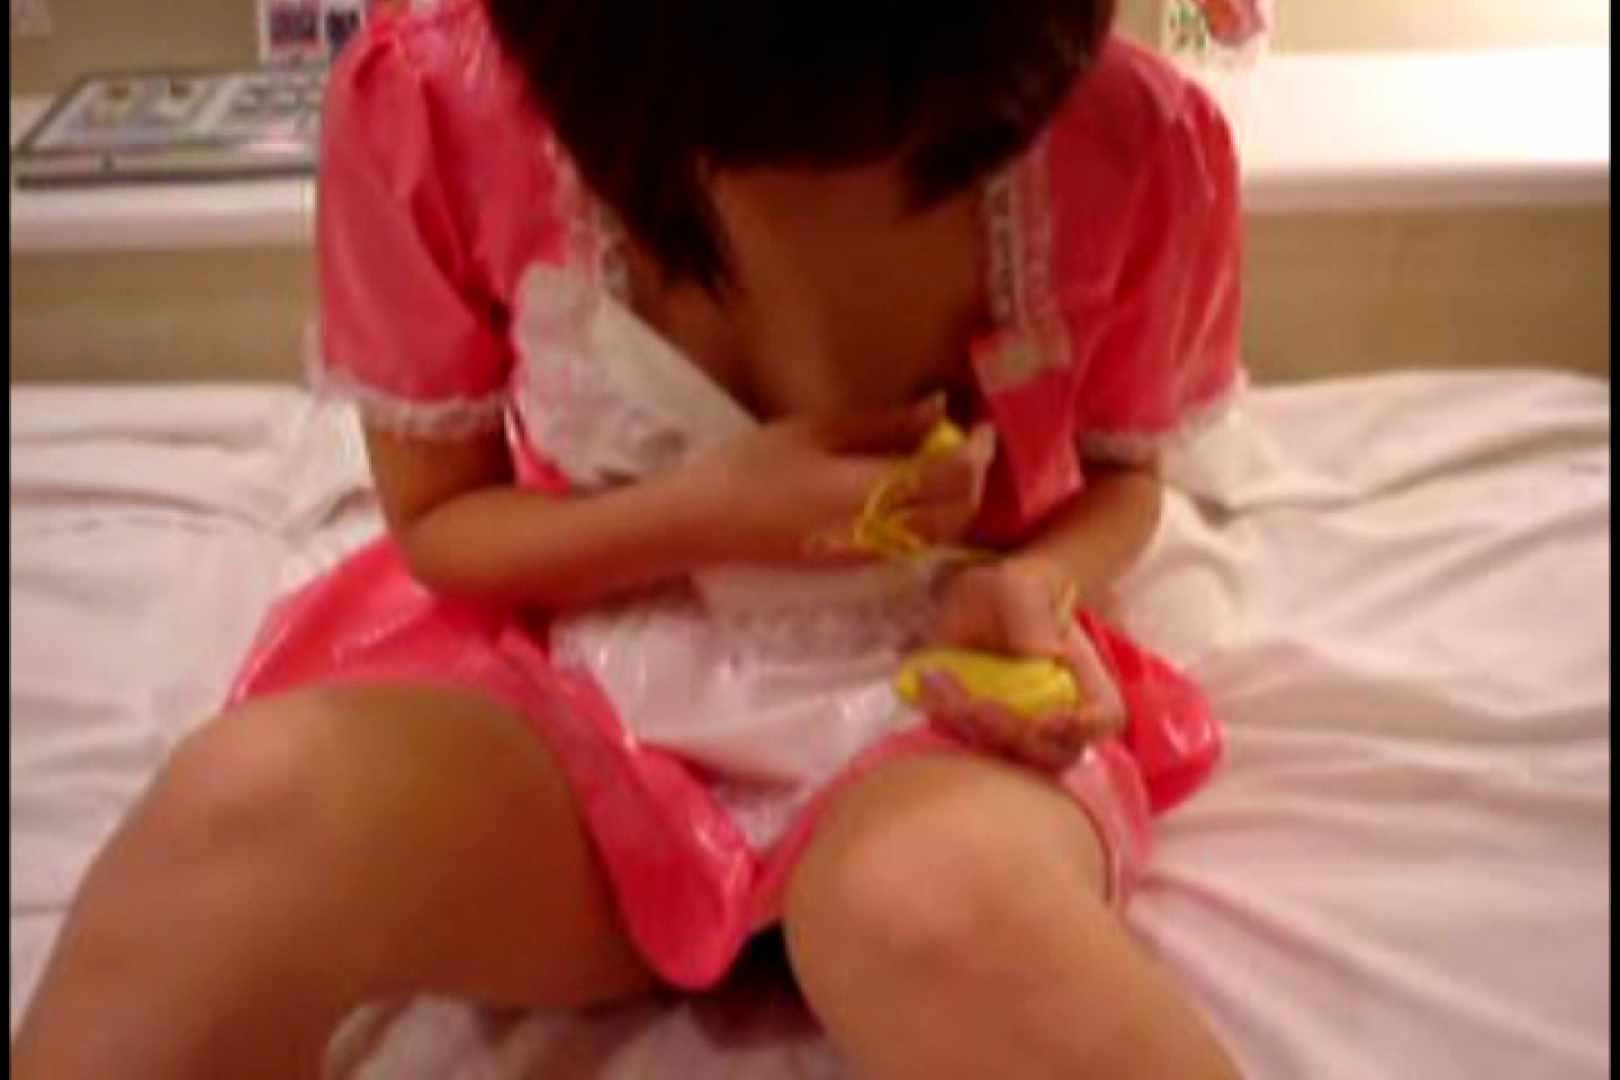 ウイルス流出 九州工学部女子大生藤野瑠美 女子大生の裸体 | 流出作品  76画像 14